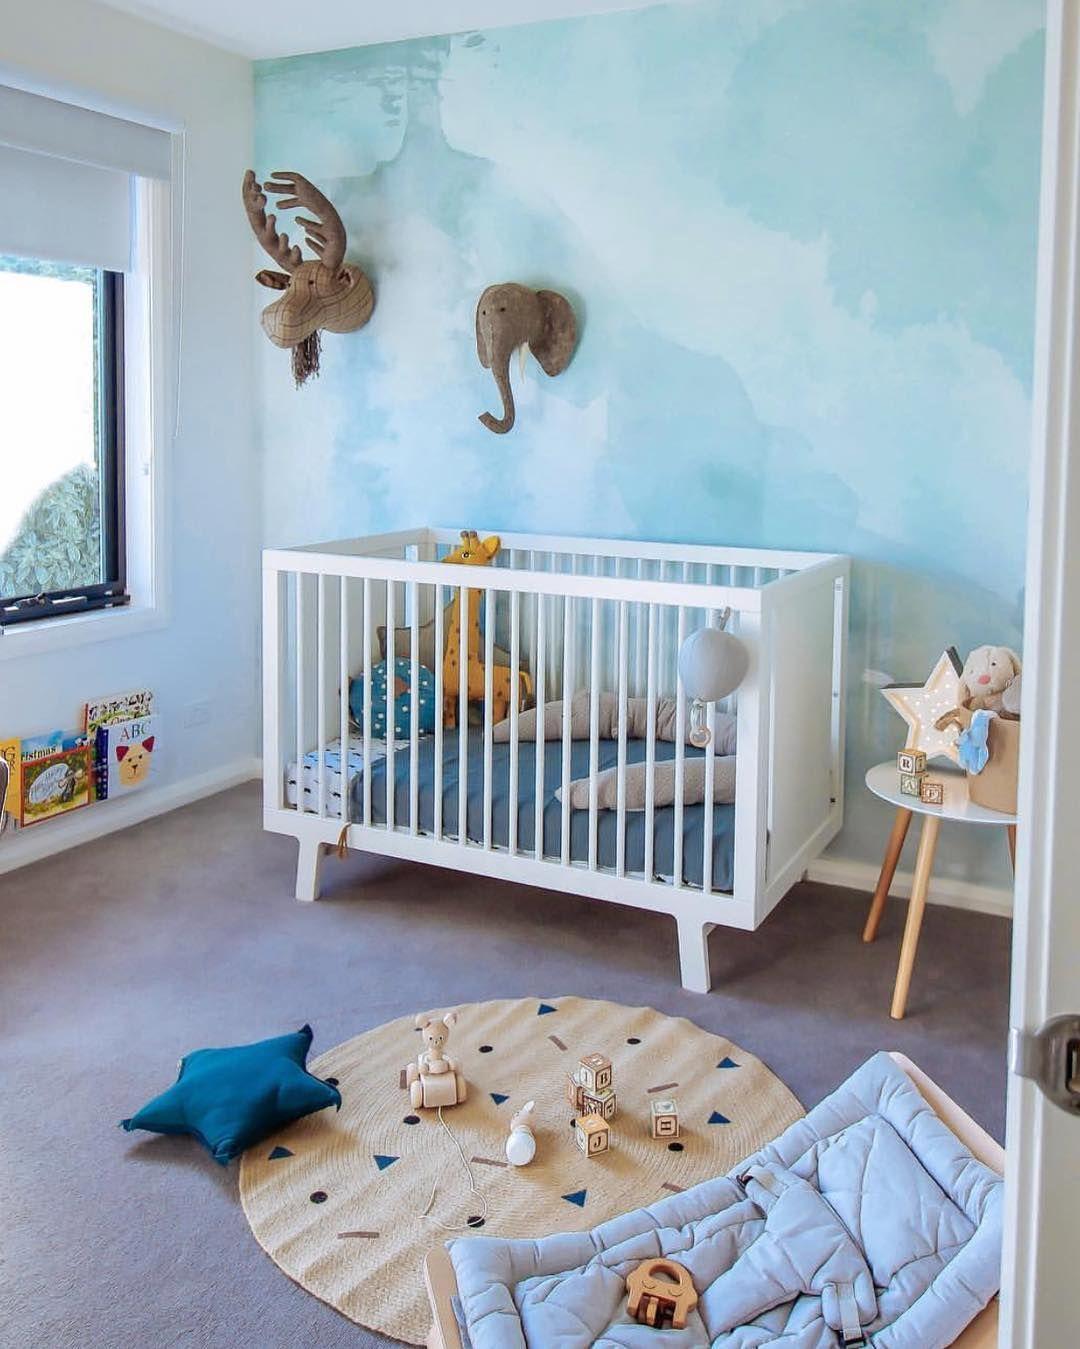 blauwe kinderslaapkamer   slaapkamer inspiratie   bedroom ideas ...